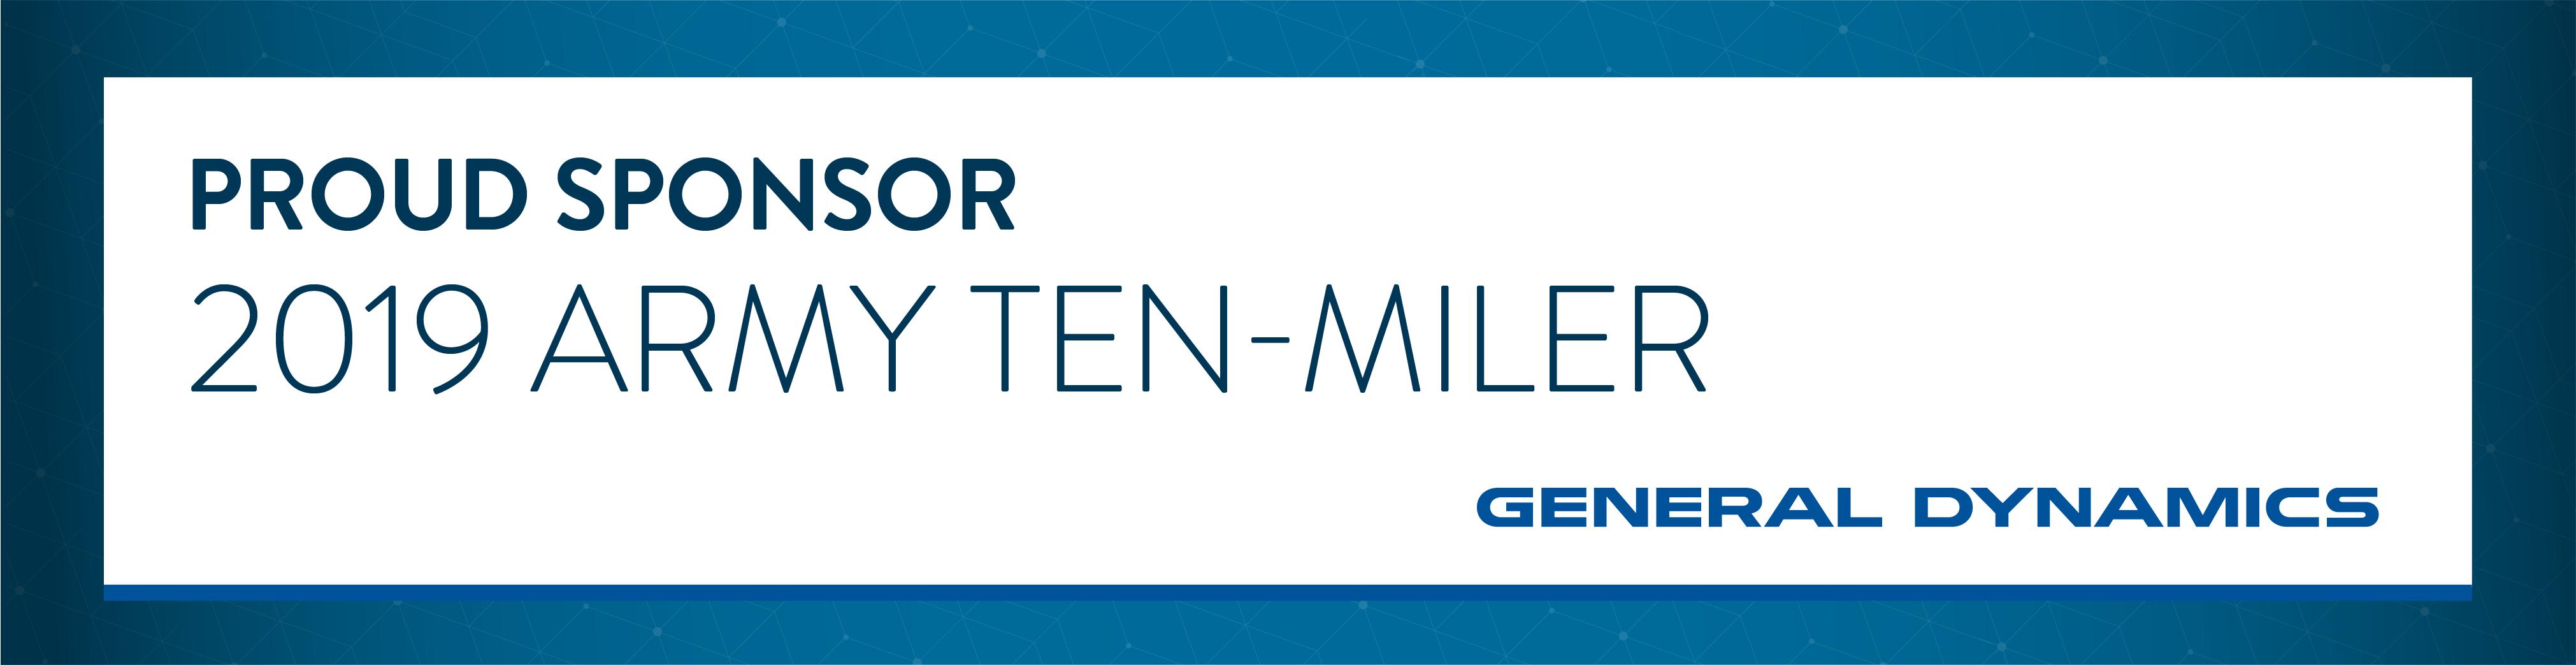 GD_ArmyTenMiler2019_webBanner.png